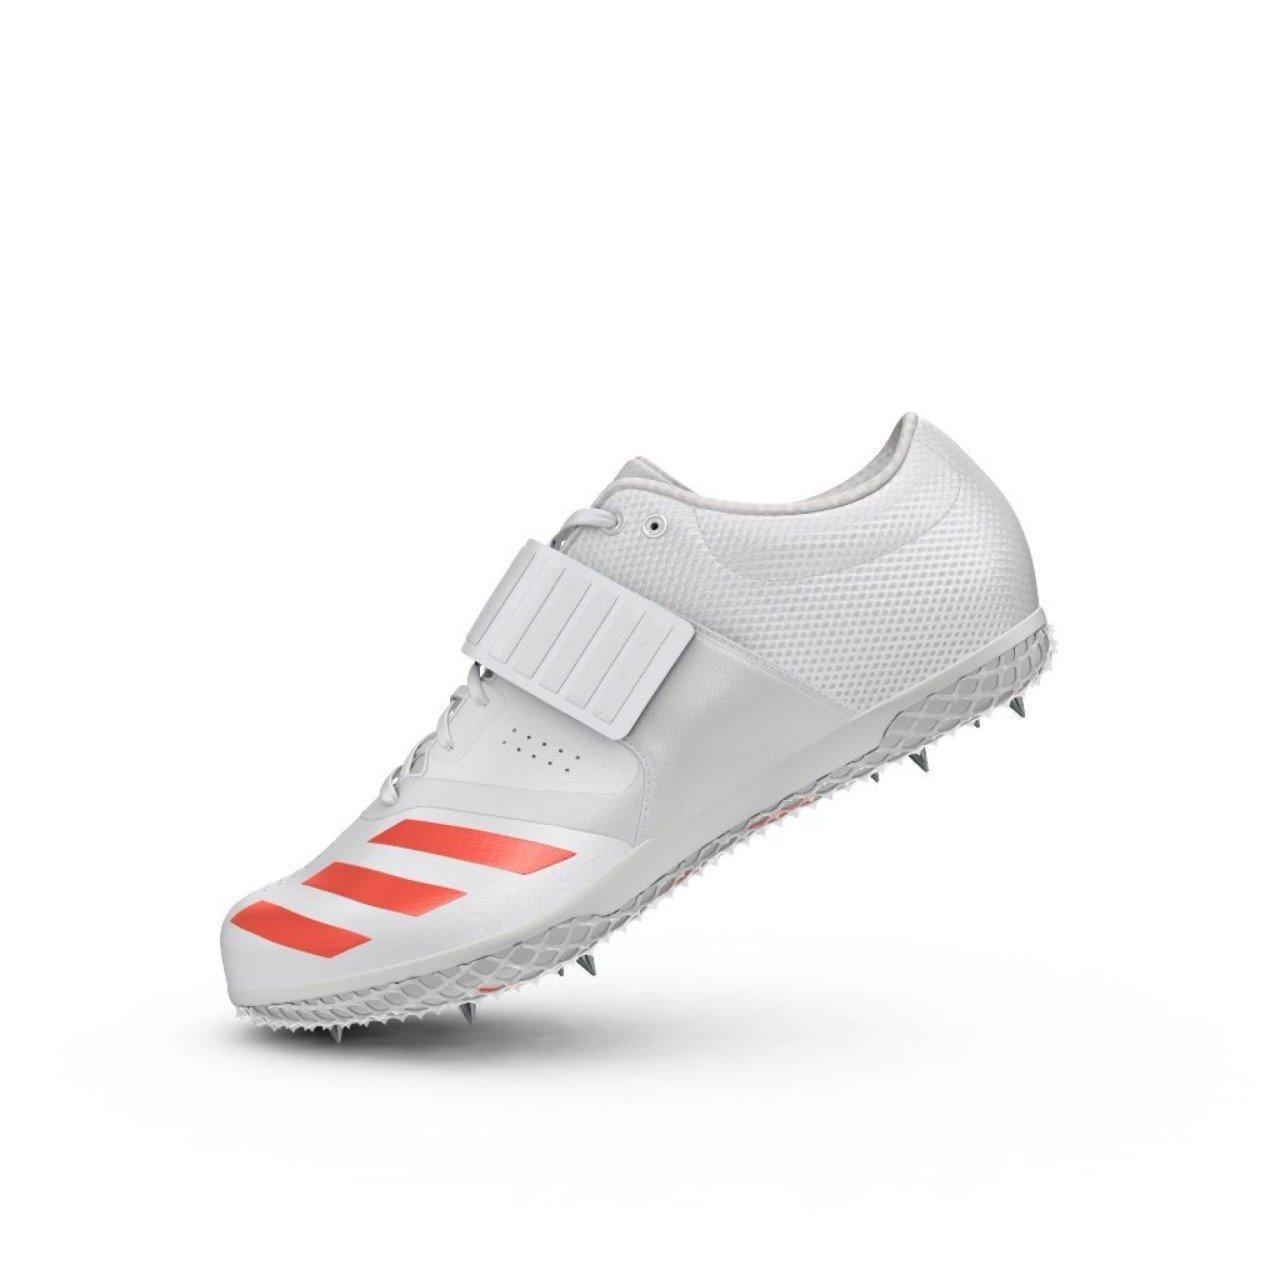 Adidas Adizero High Jump Spikes, Zapatillas de Atletismo Unisex Adulto 4 multicolor